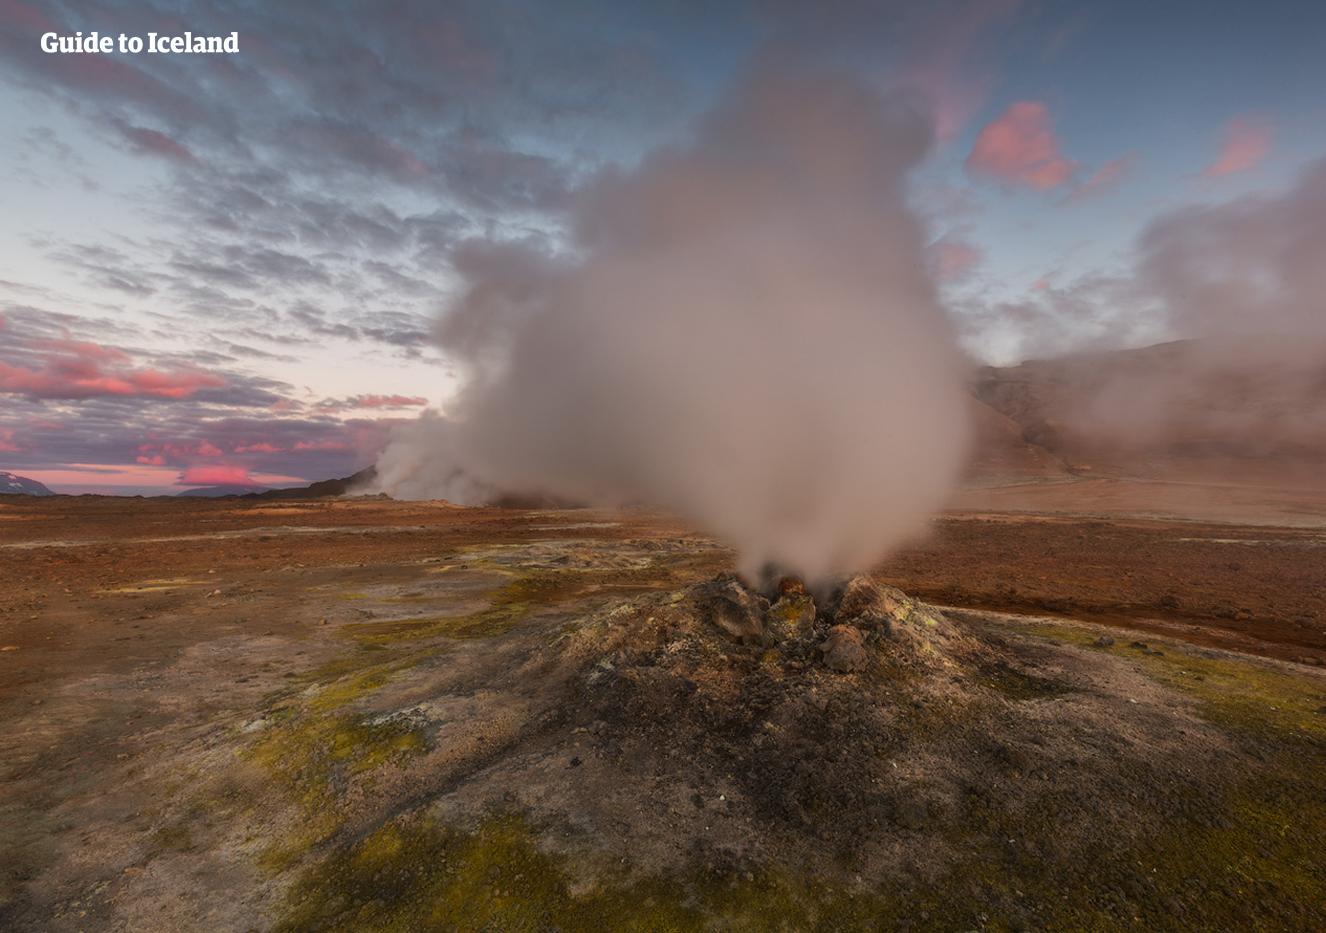 Ånga stiger ur marken i det geotermiska området Námaskarð nära sjön Mývatn.